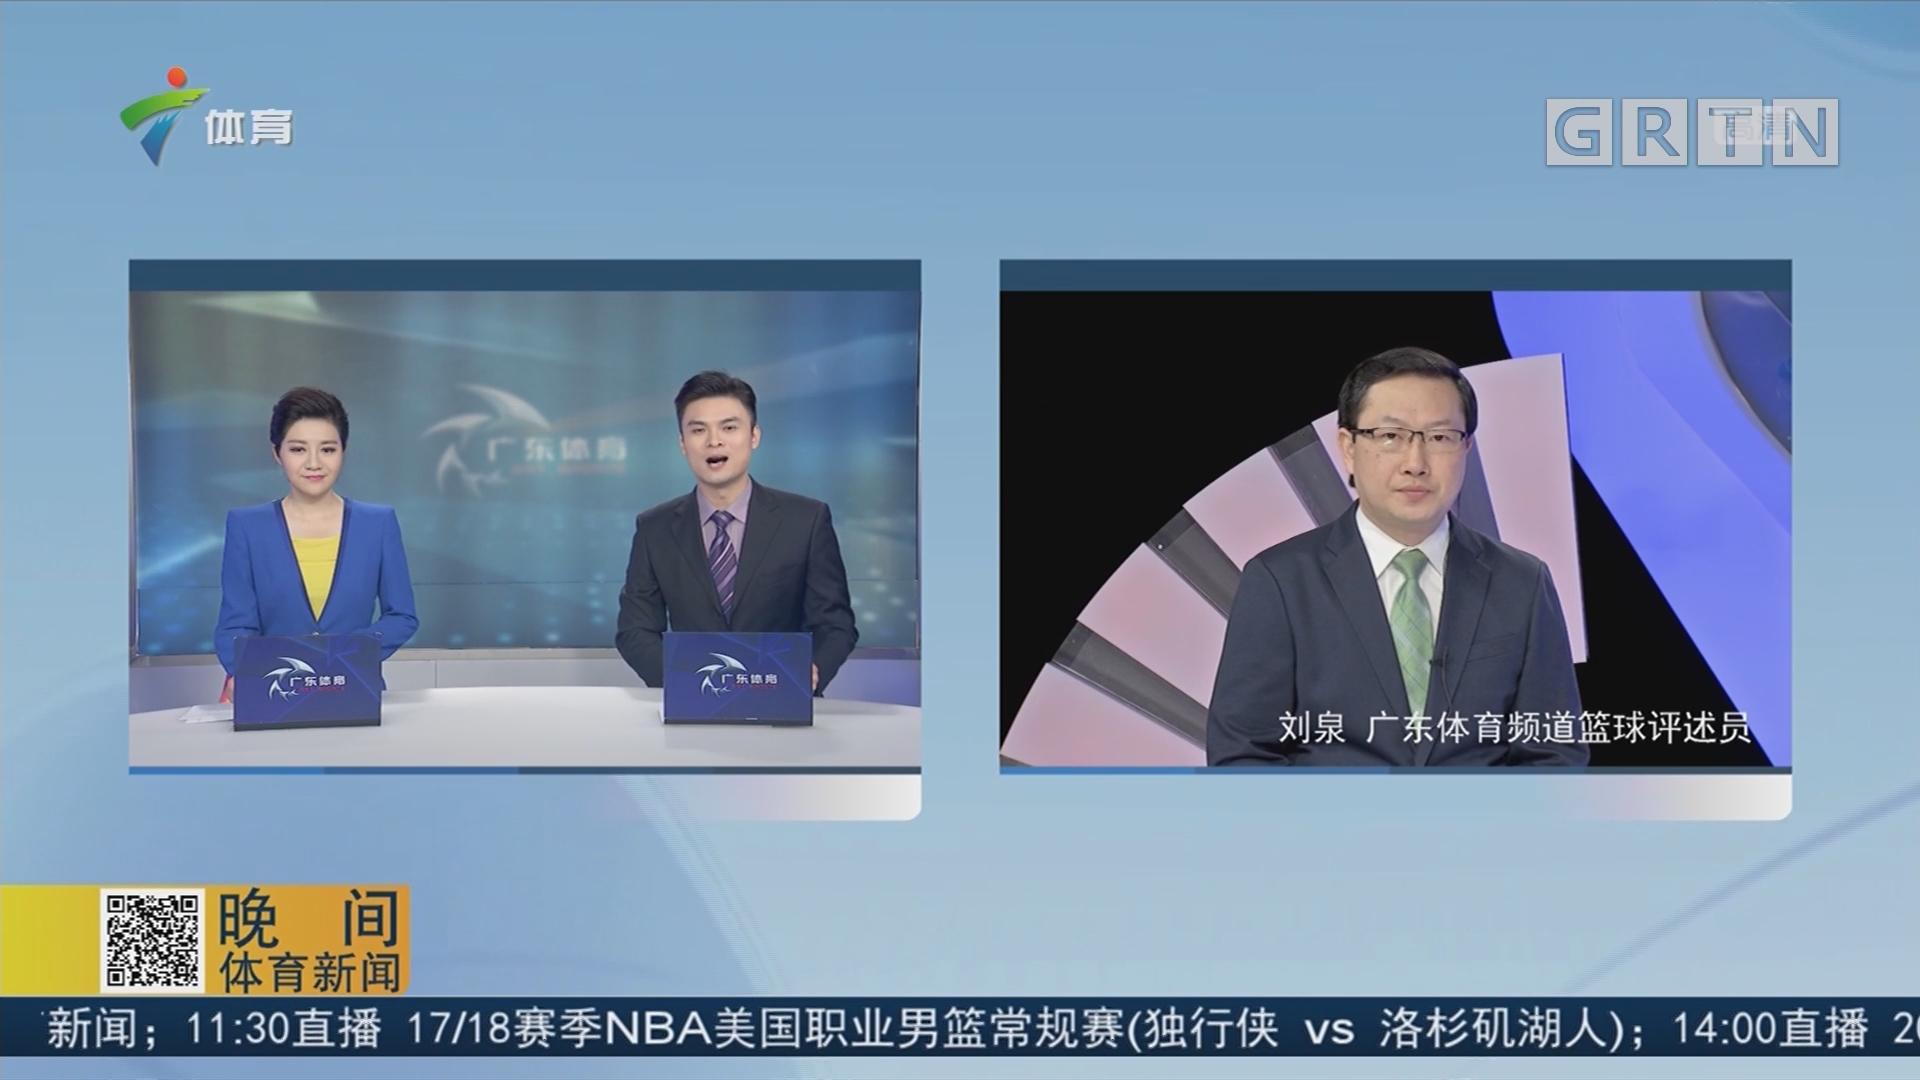 广东体育频道篮球评述员刘泉:中国 VS 新西兰